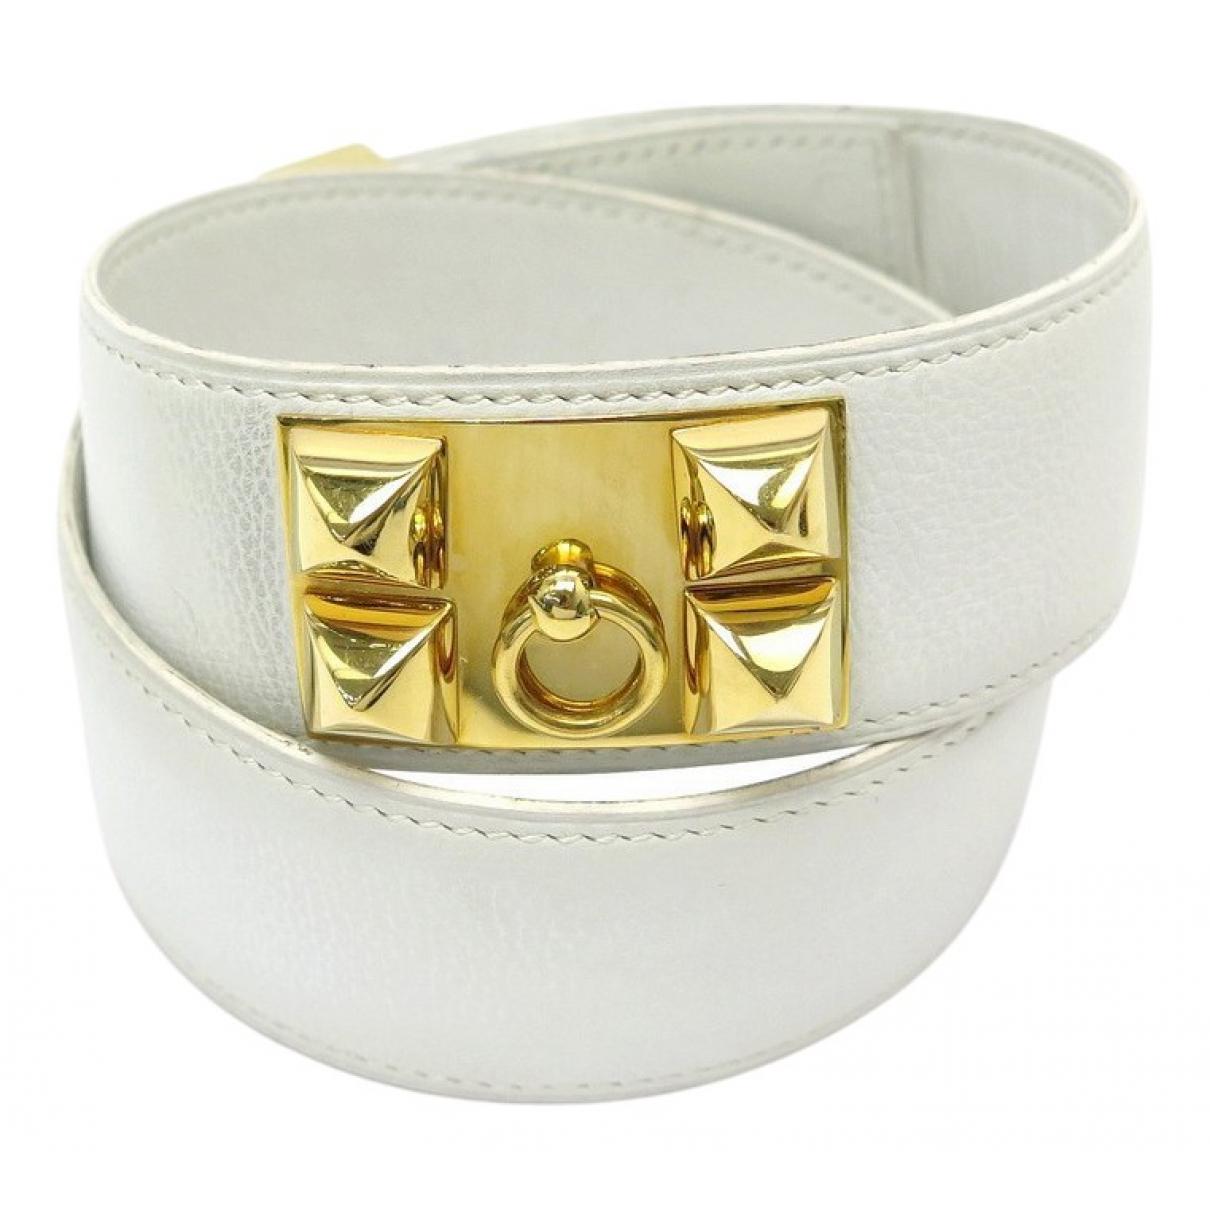 Hermès Collier de chien White Leather belt for Women 70 cm